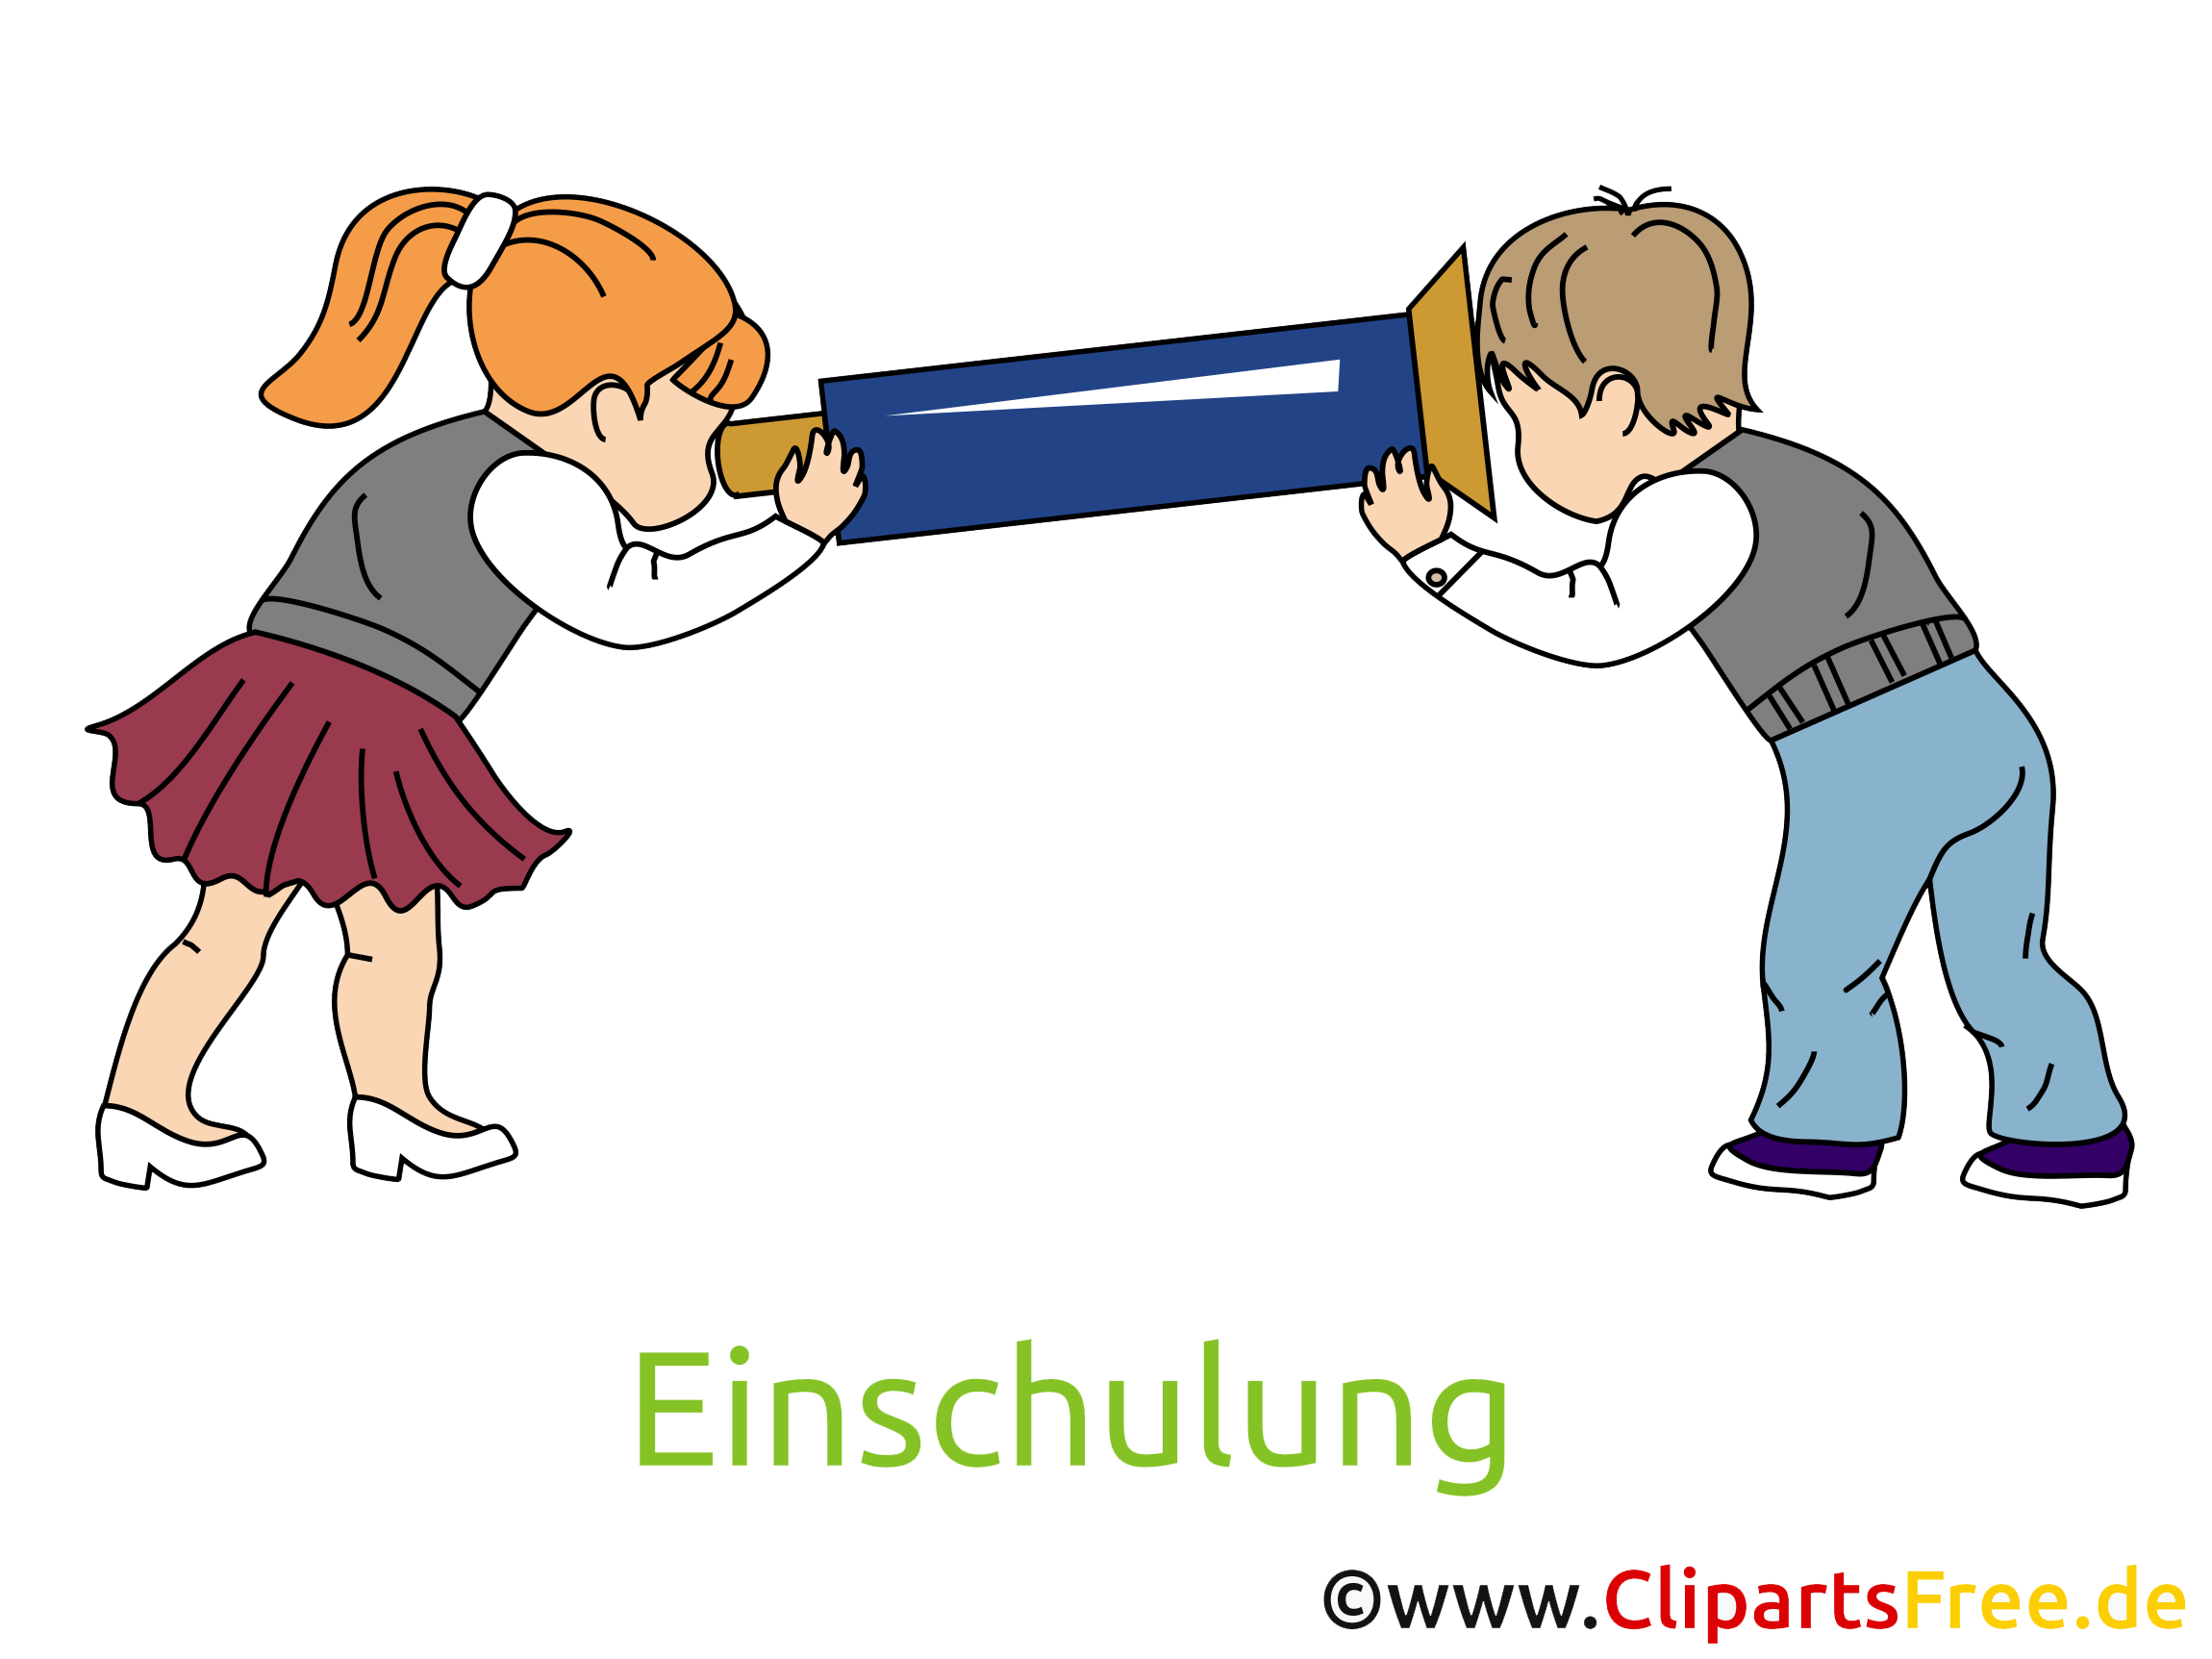 Schul-Kinder Bilder, Cliparts